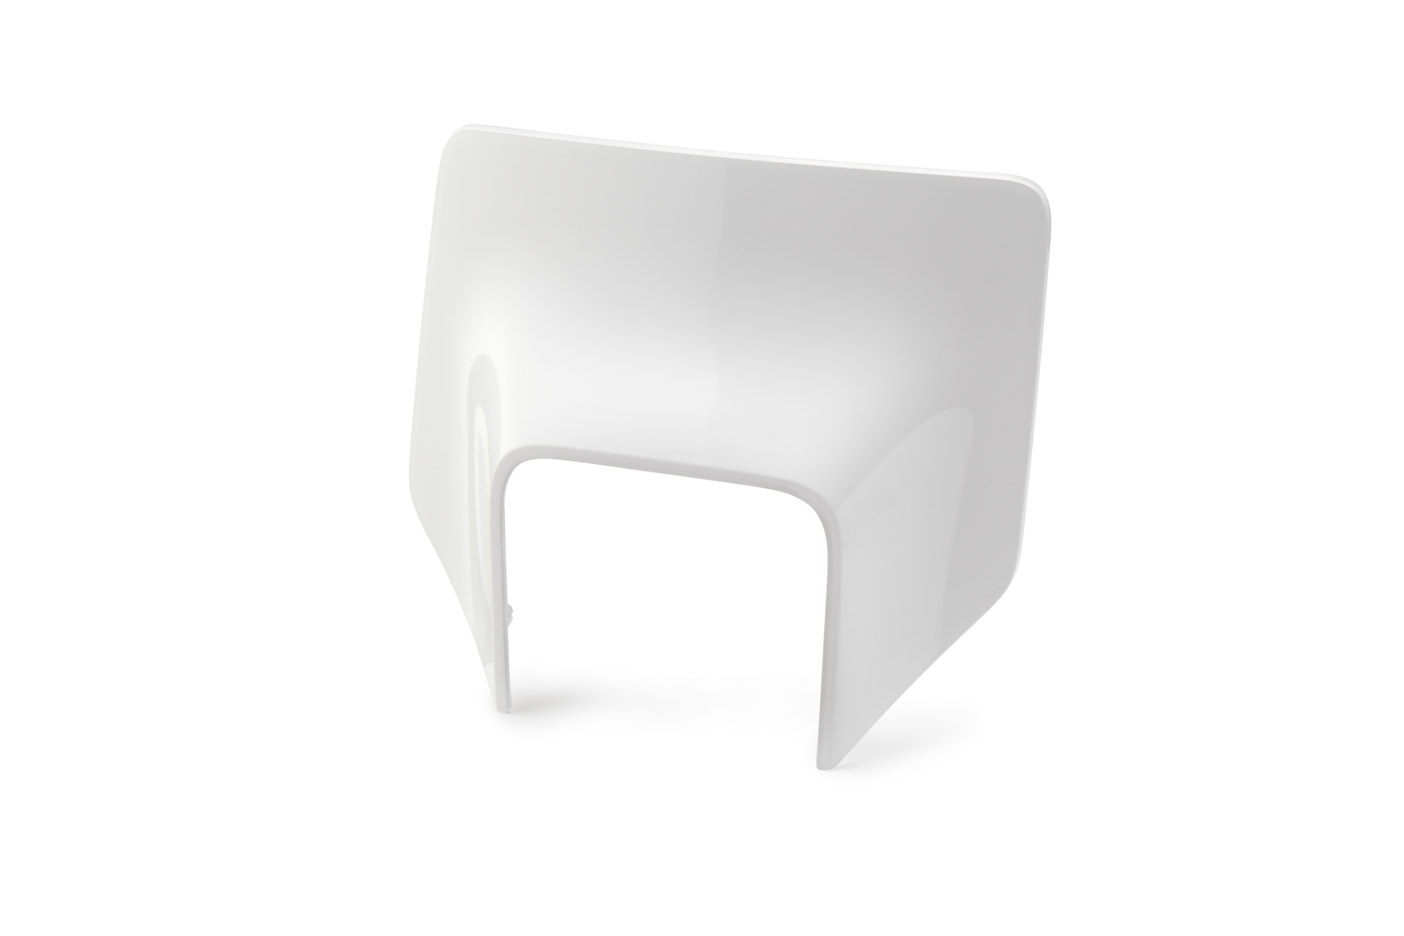 Lampenmaske für deine Husqvarna FE / TE in weiß